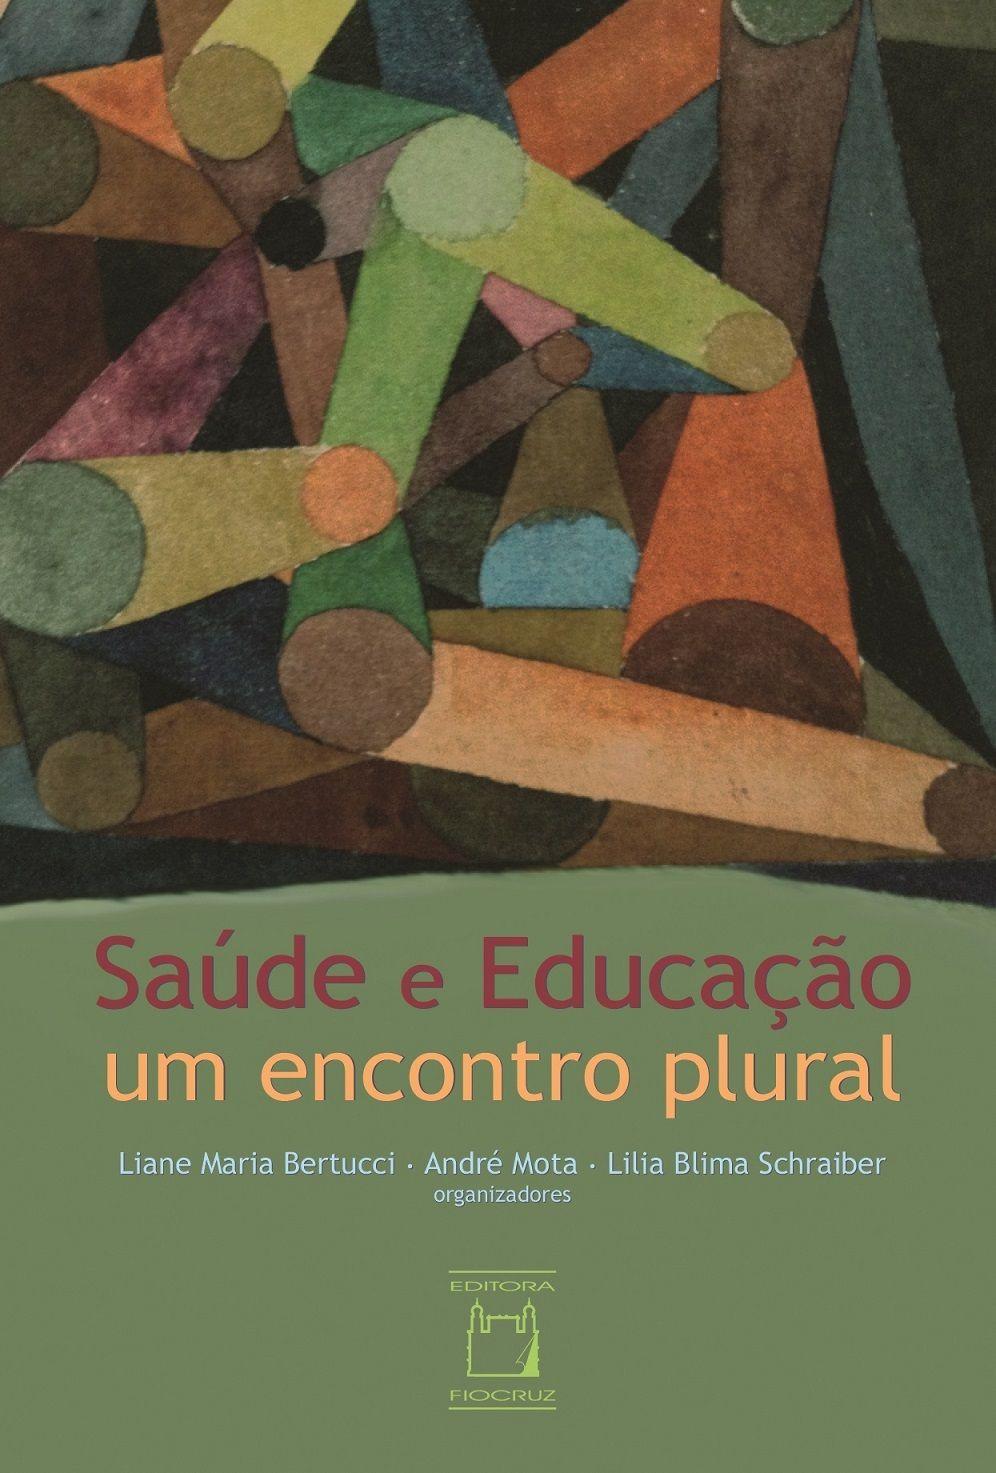 Saúde e Educação, um encontro plural  - Livraria Virtual da Editora Fiocruz